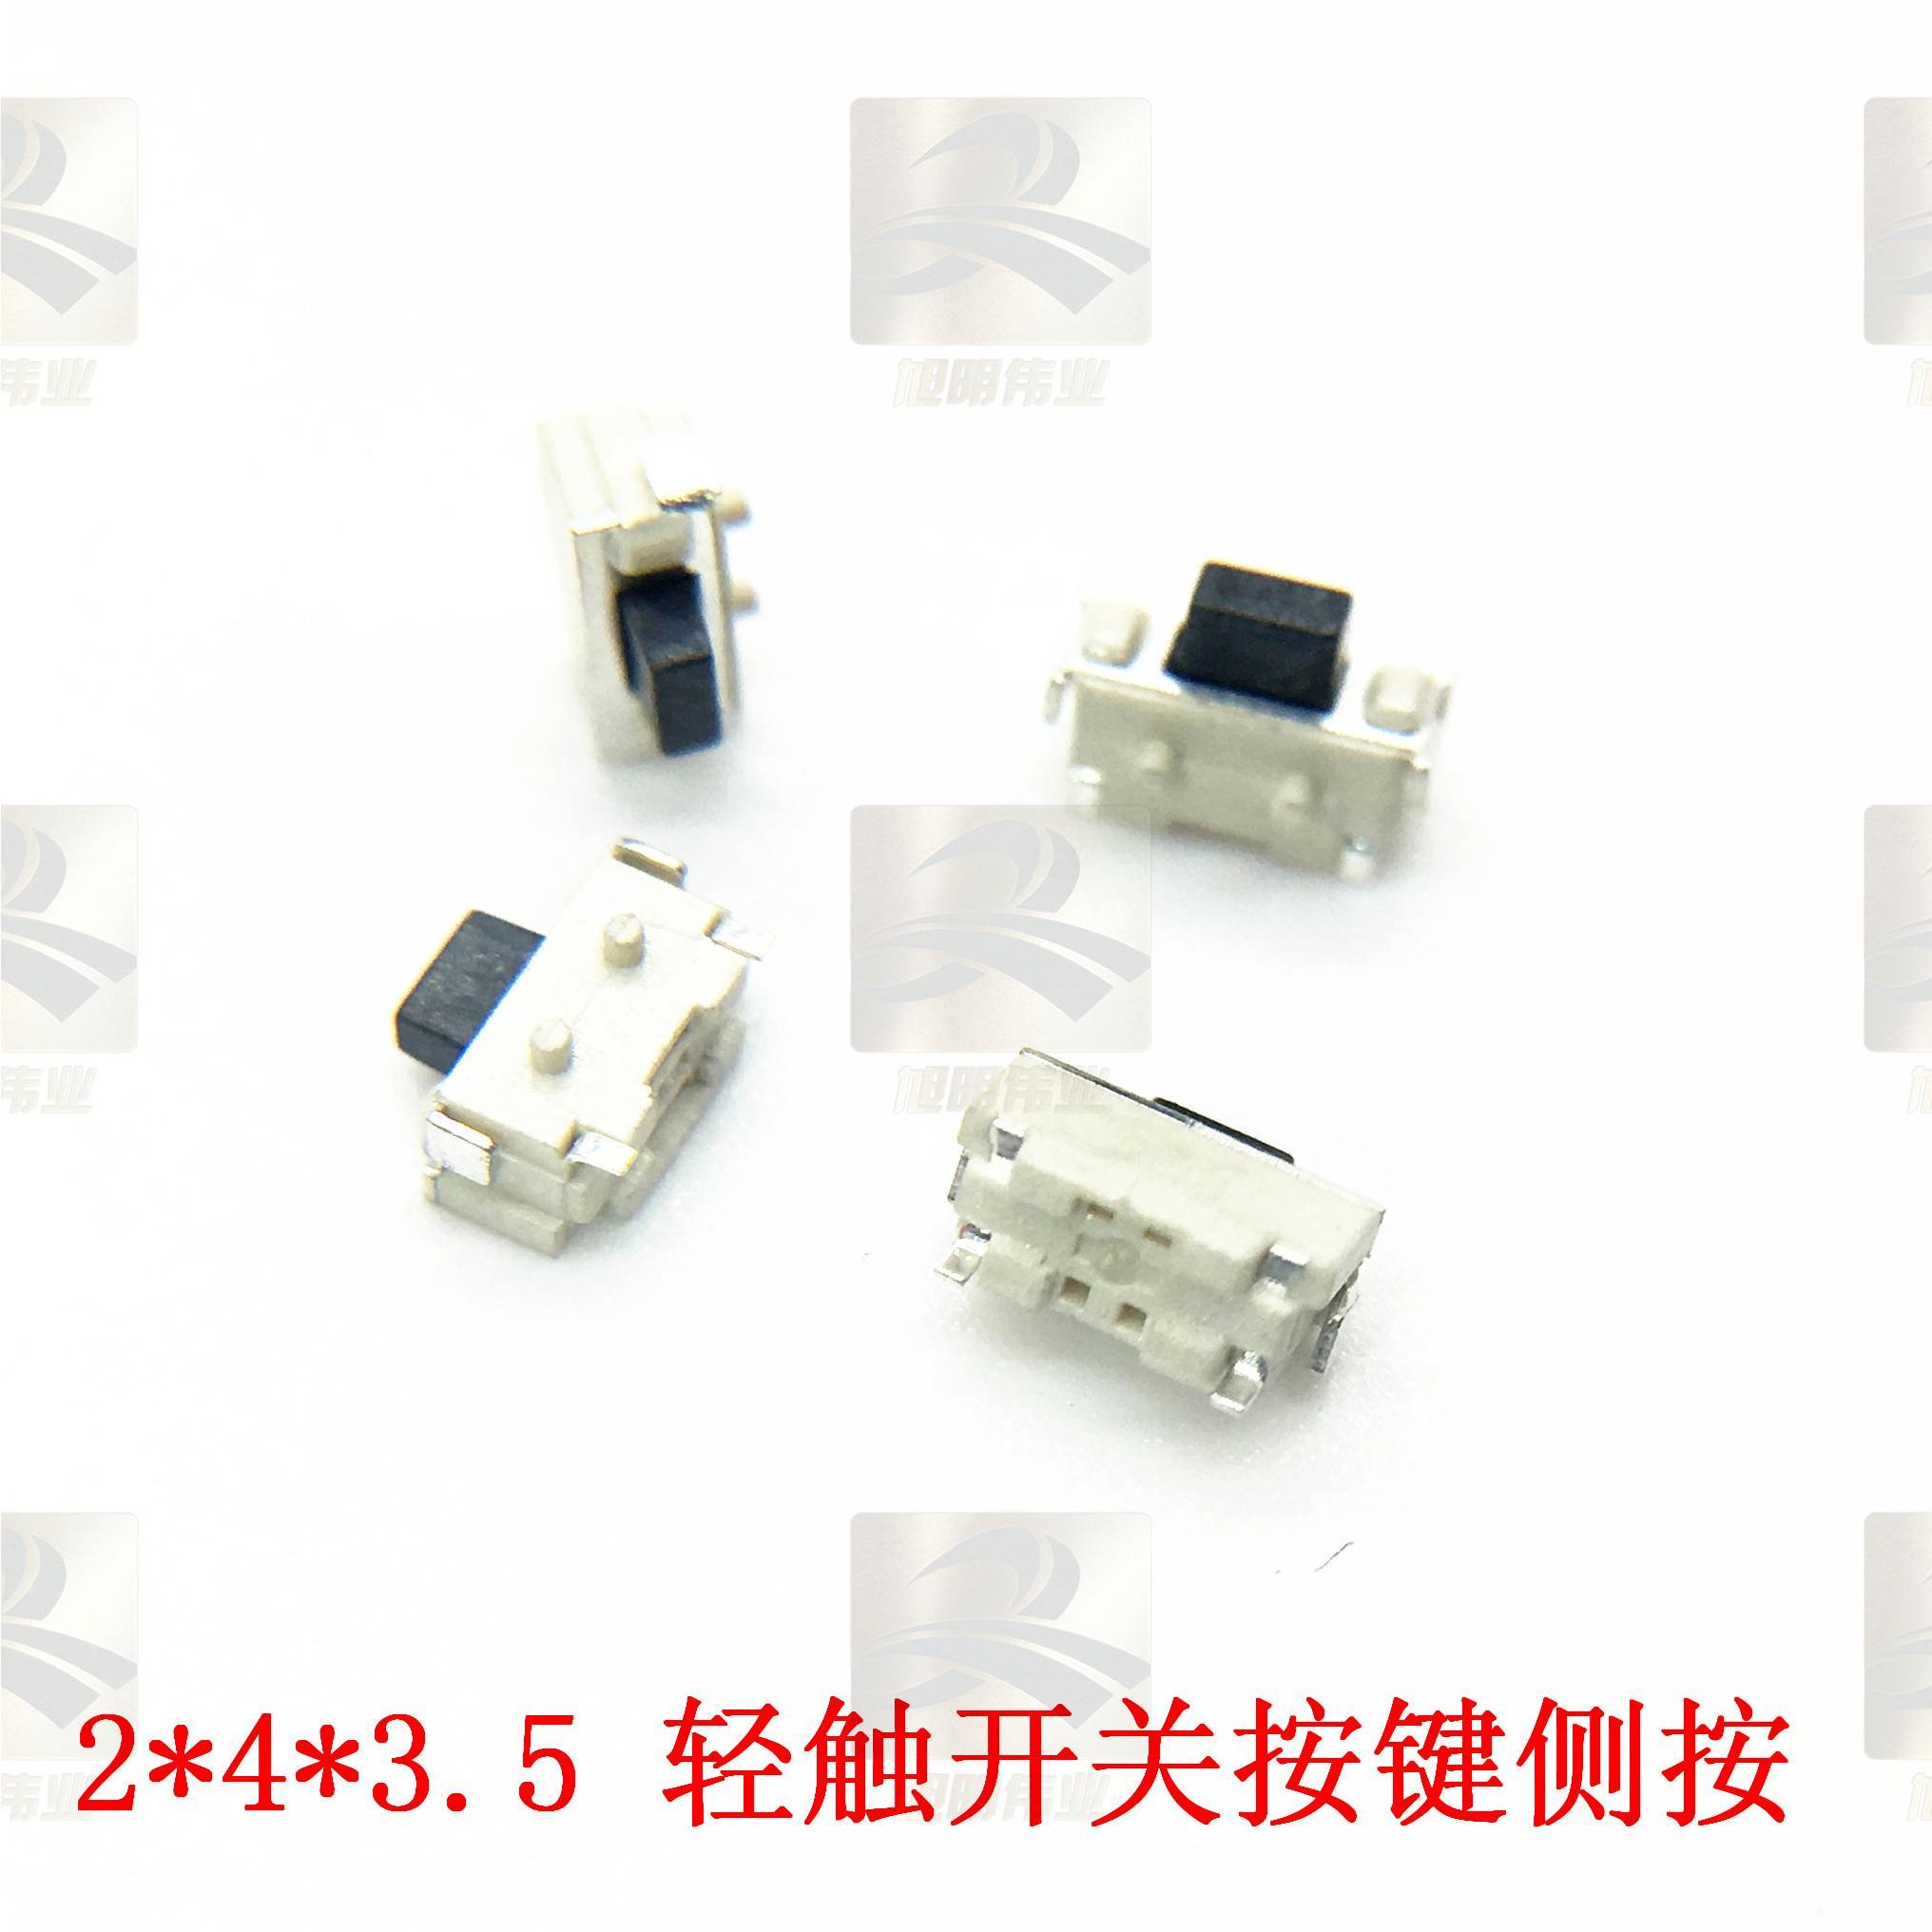 轻触开关 2*4*3.5 按键侧按小侧按键 MP3配件MP4 MP5小贝贝2x4